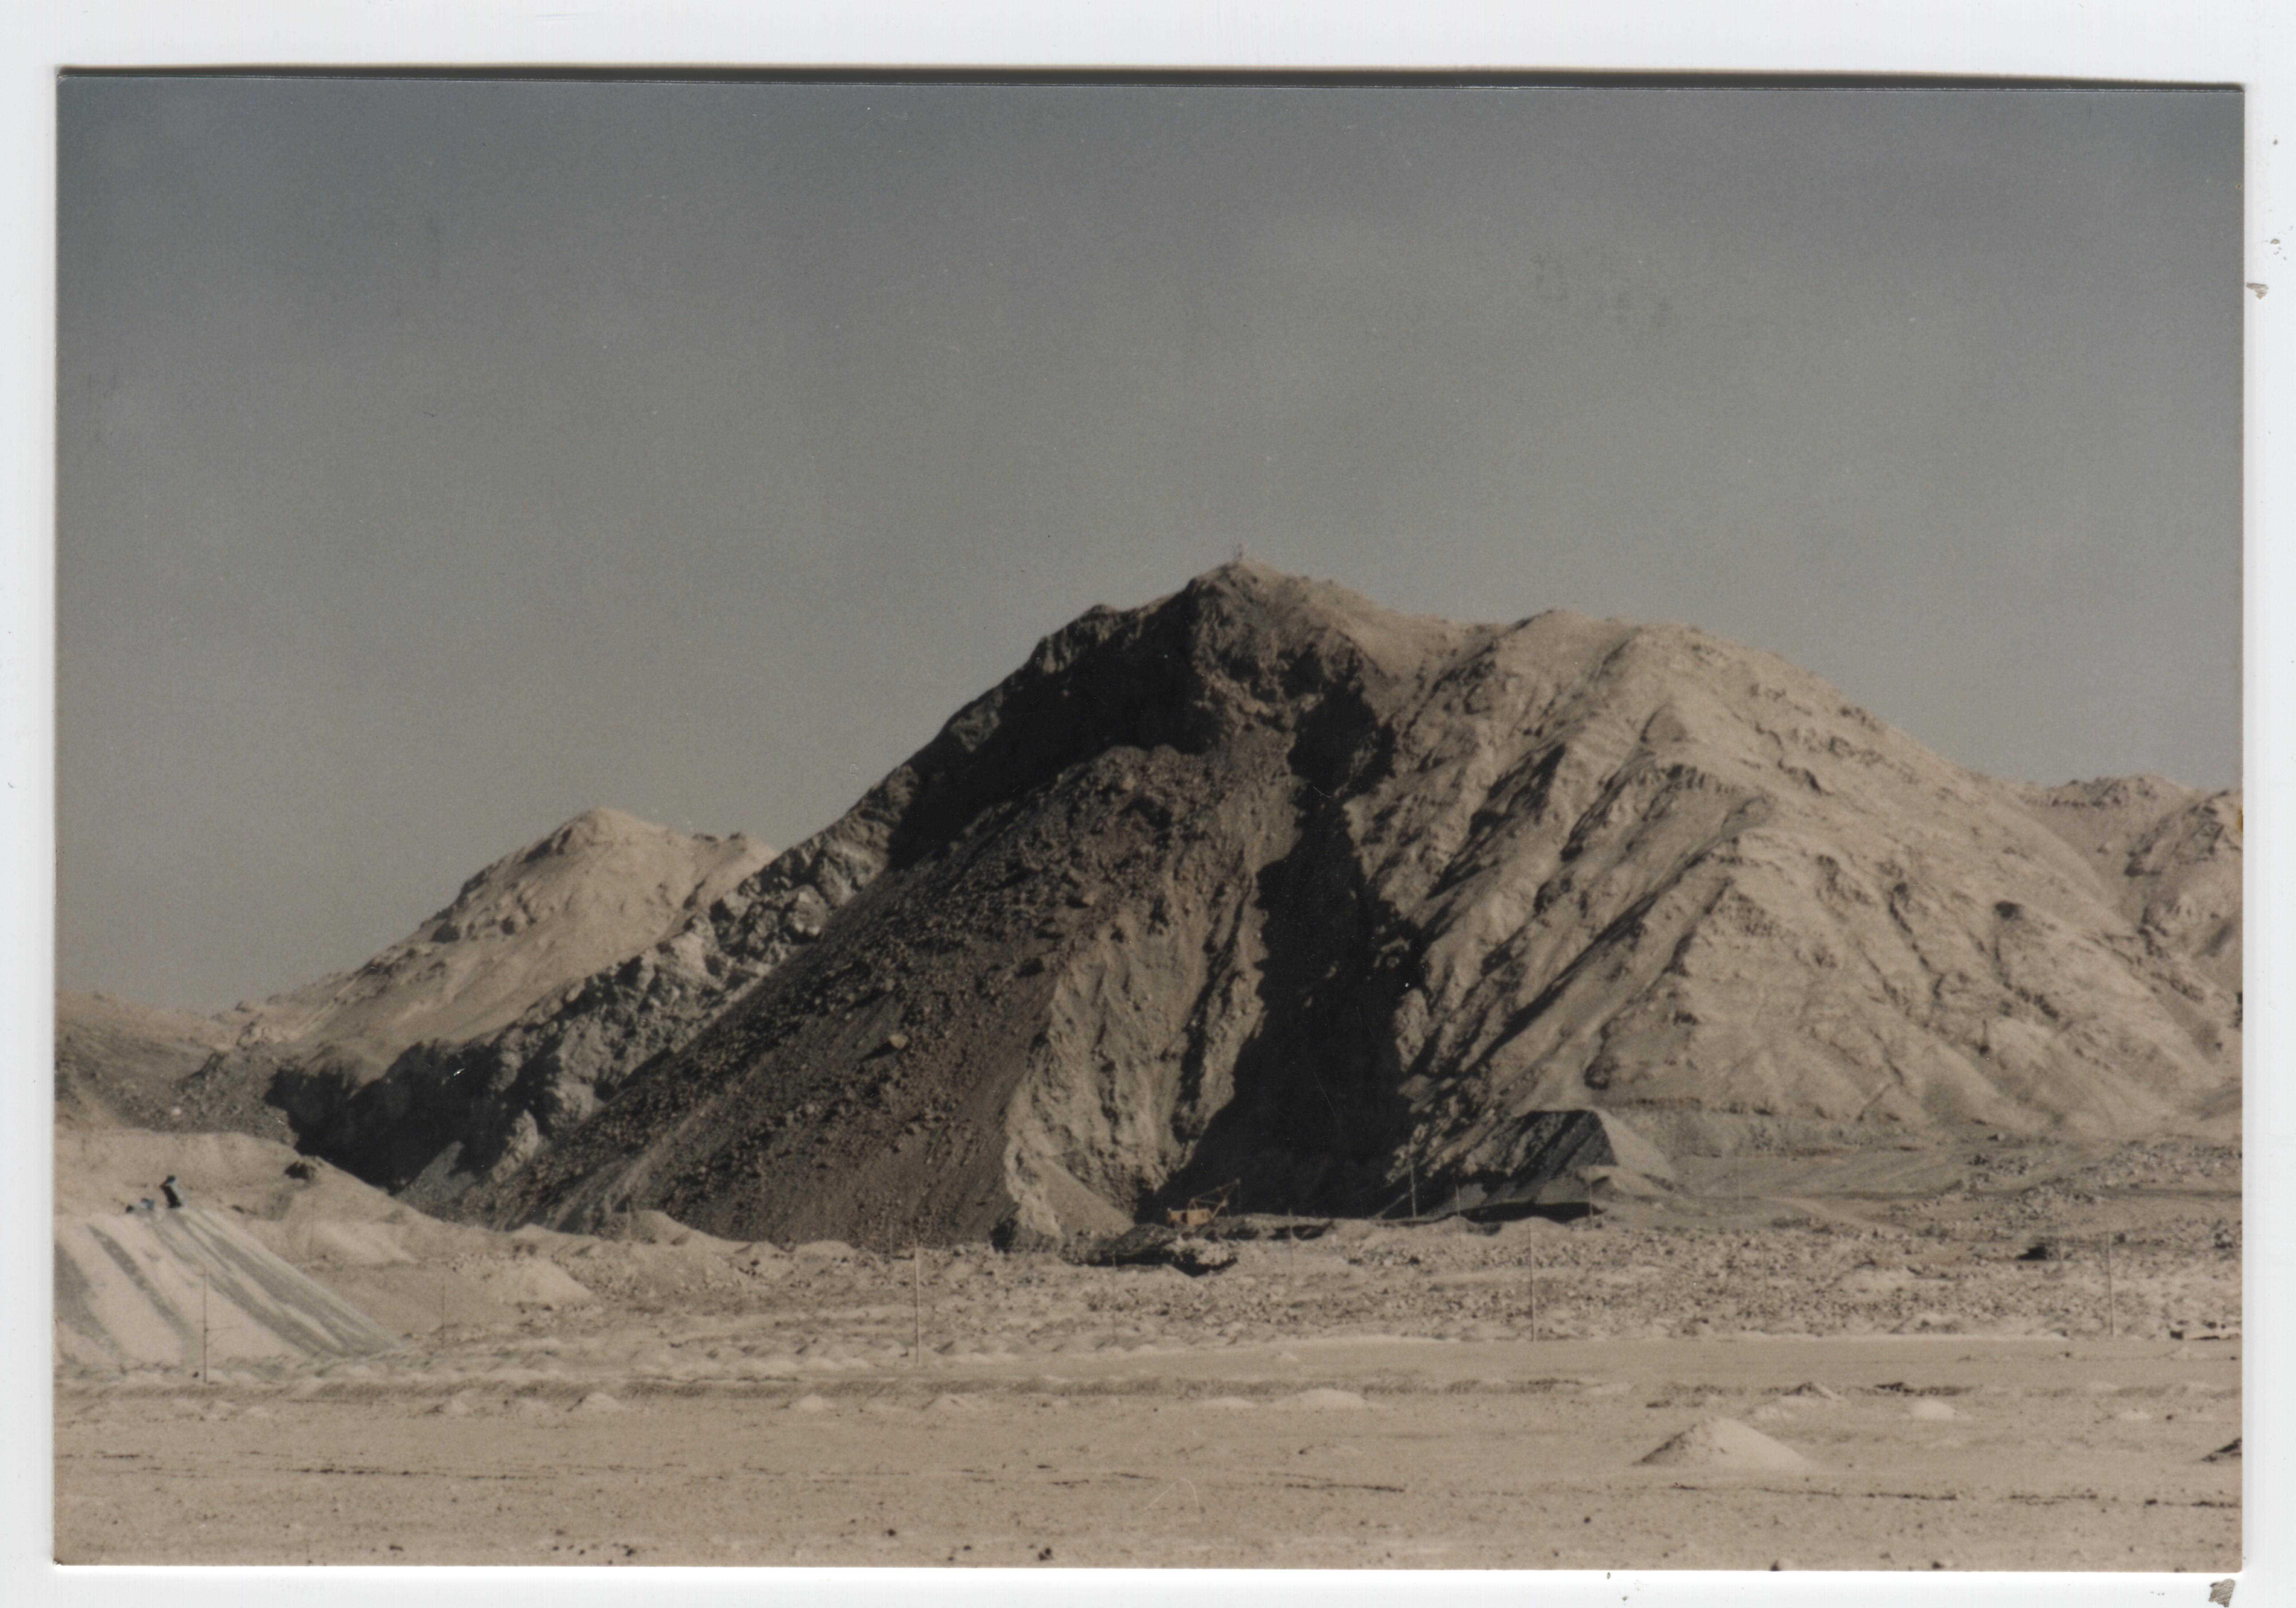 歷史照片(礦山開采)—礦山大爆破(架子山,東山采場)